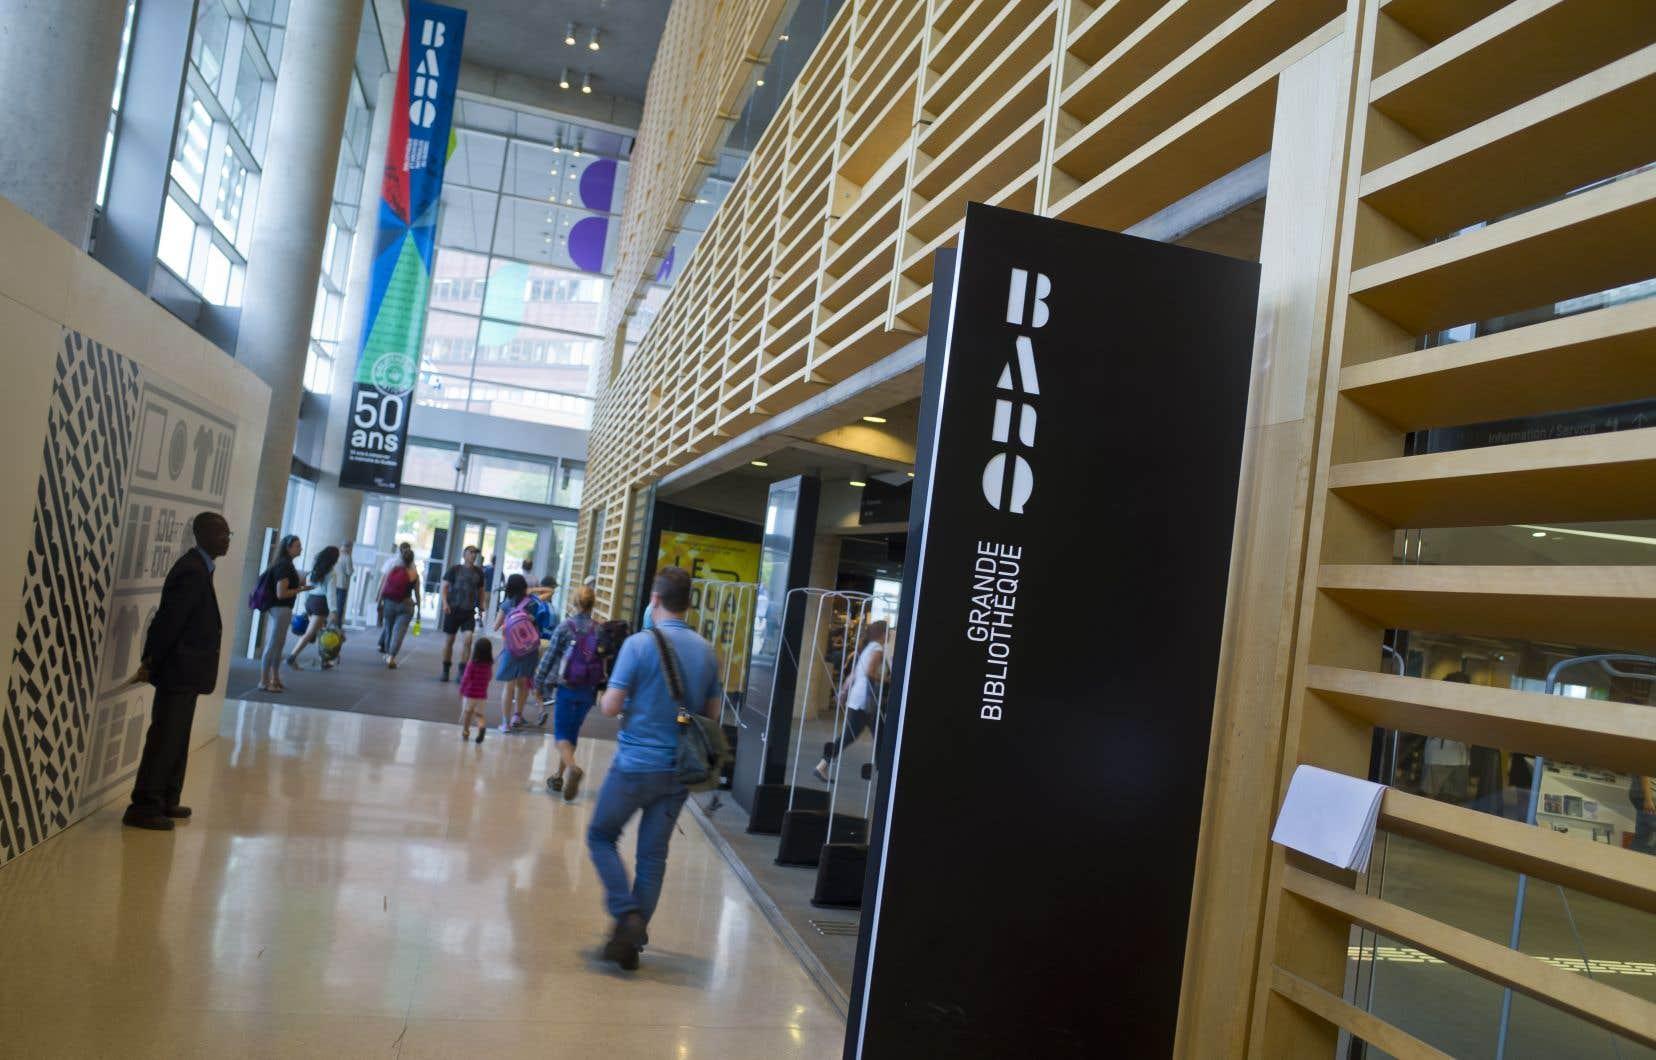 BAnQ souhaite que les documents numériques soient inclus au Règlement sur le dépôt légal des documents publiés autres que les films.